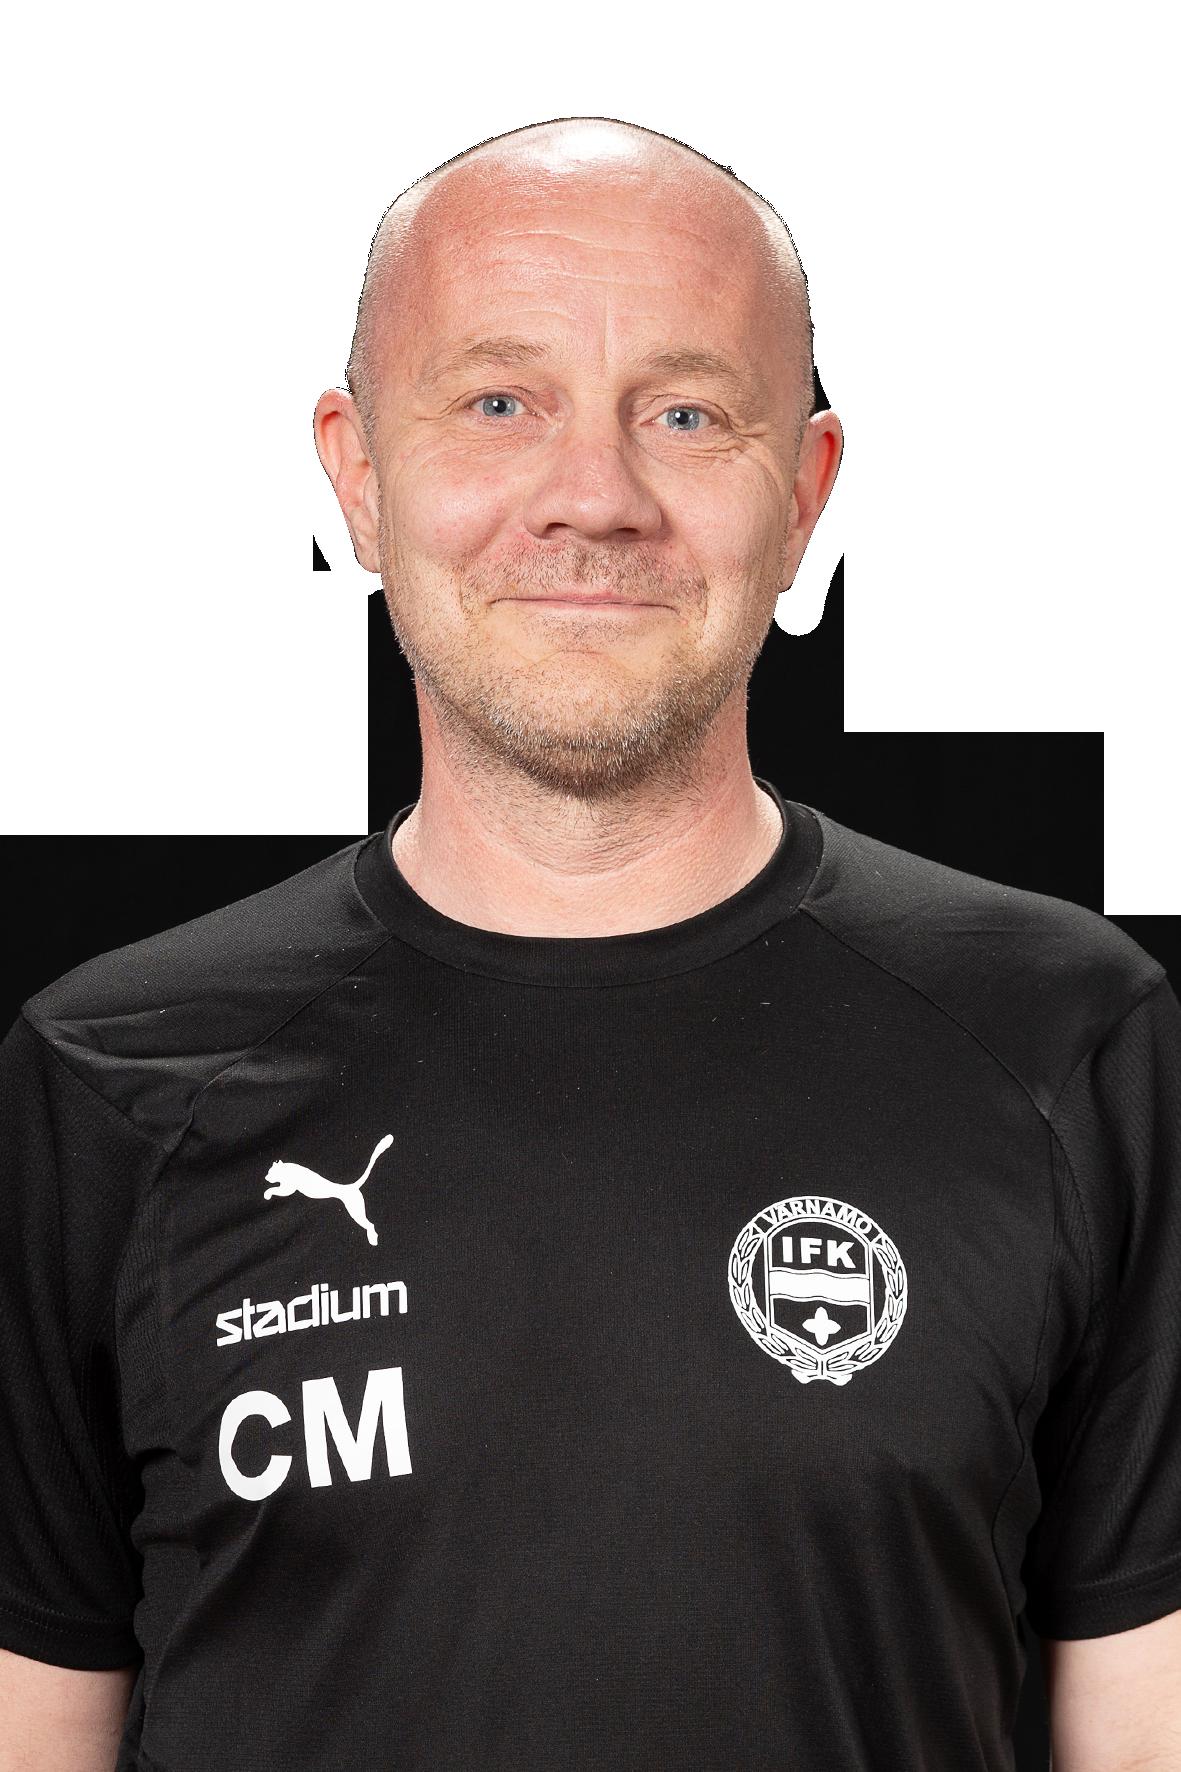 Christian Mattsson